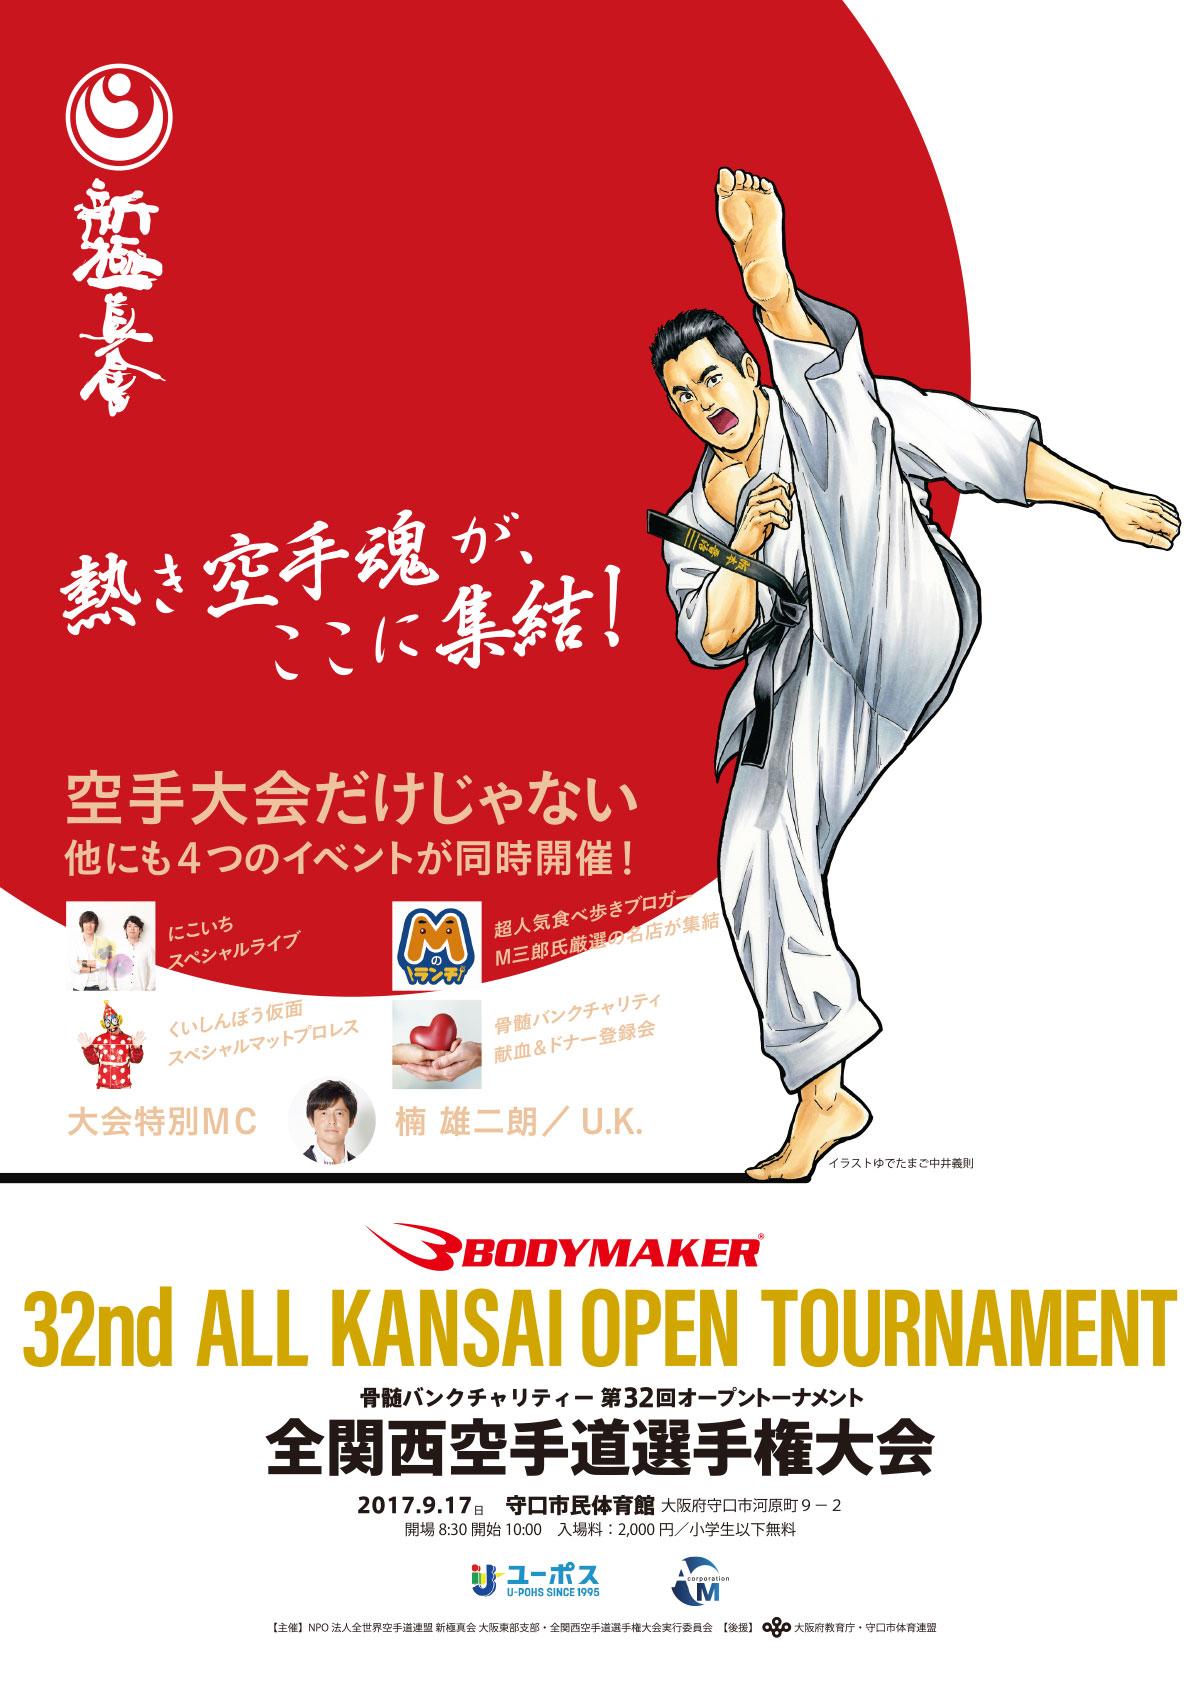 骨髄バンクチャリティー 第32回オープントーナメント 全関西空手道選手権大会